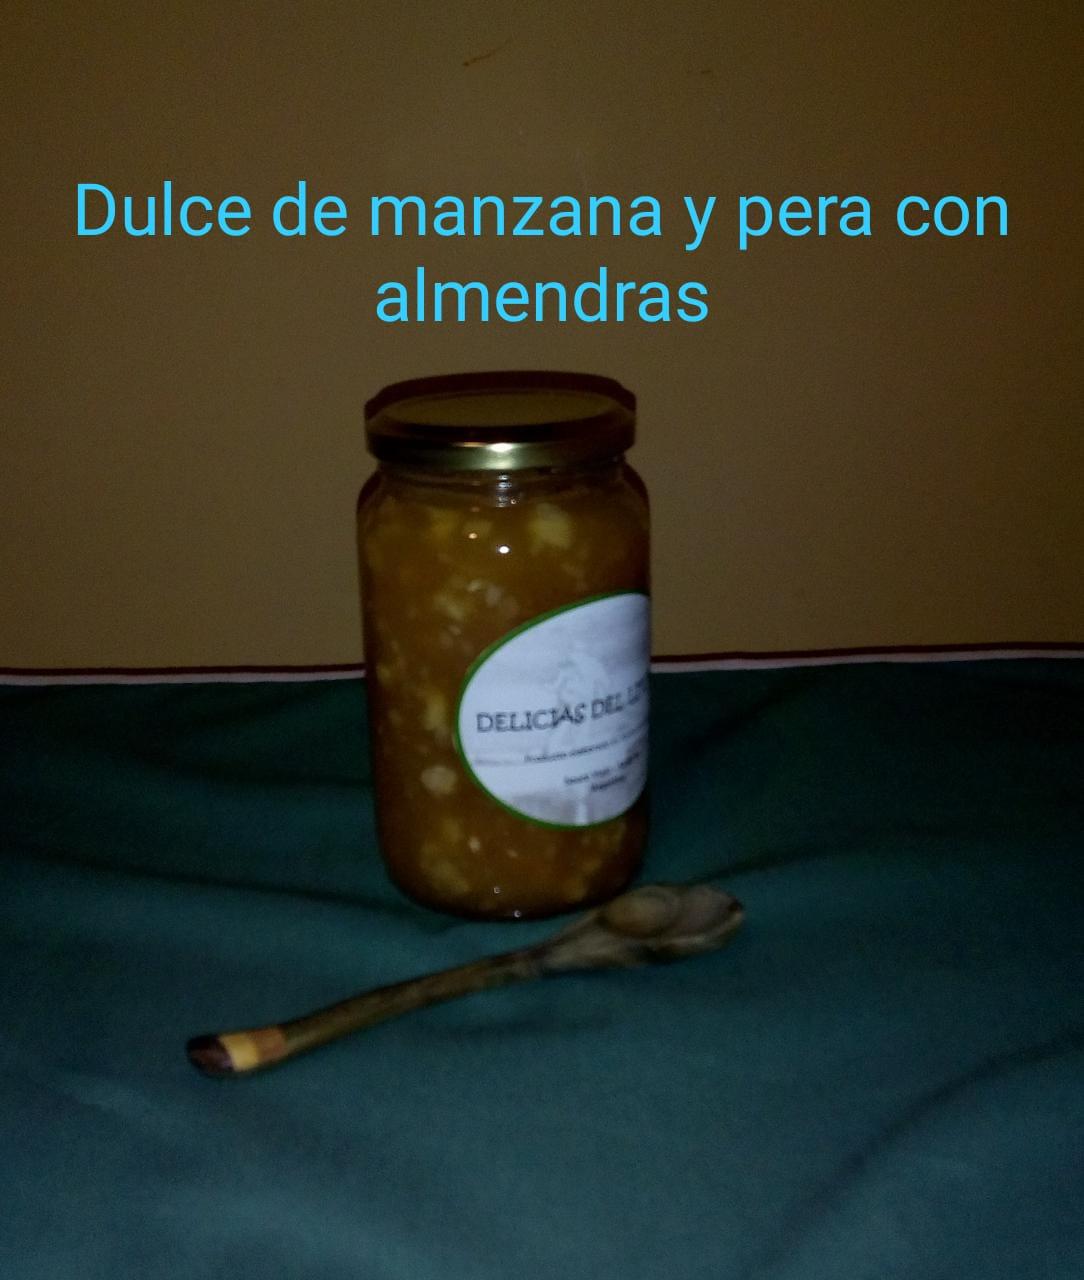 Dulce de manzana, pera y almendras «Delicias del Litoral»